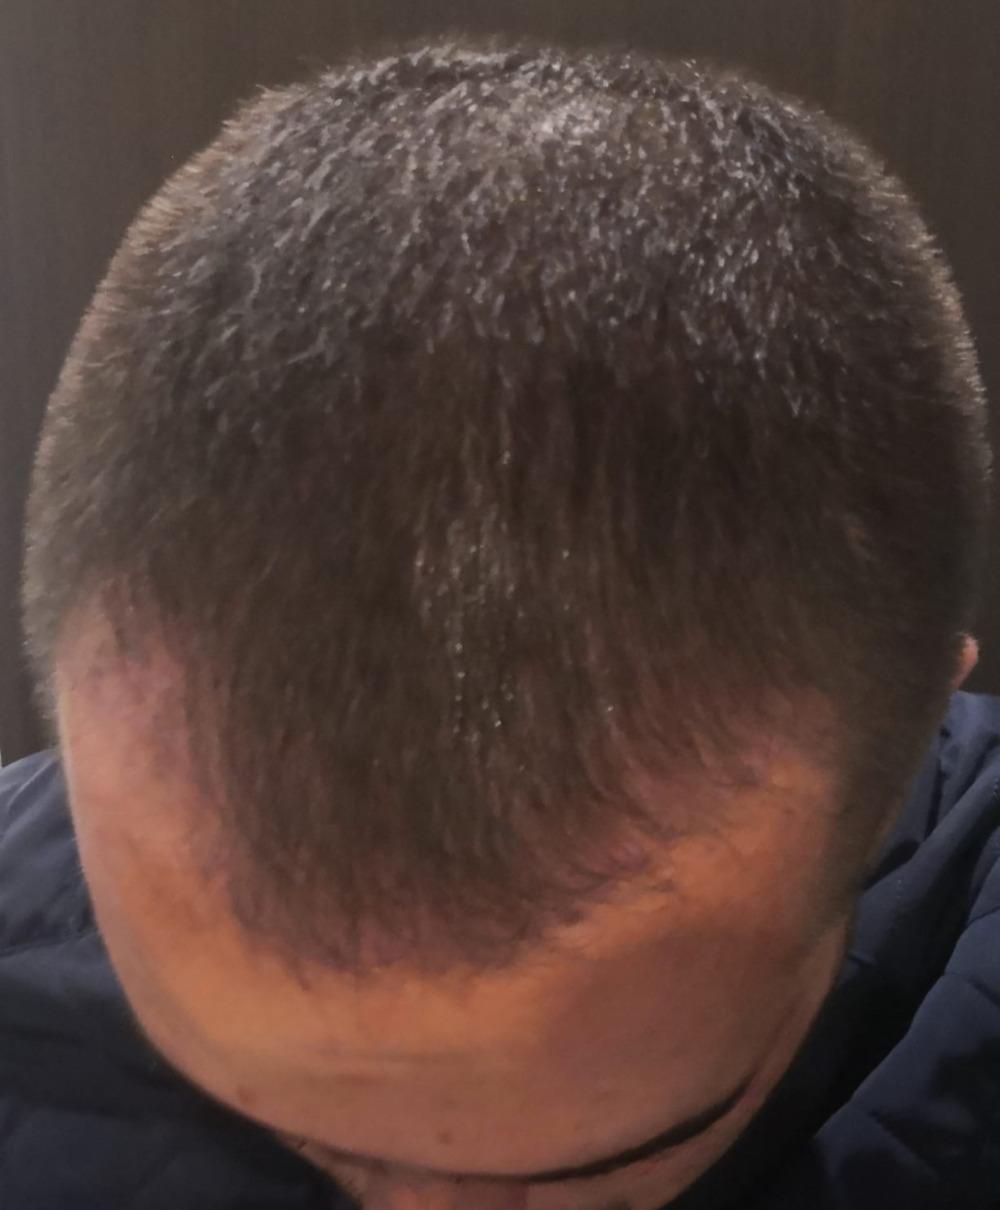 Dva měsíce po transplantaci vlasů v Istanbulu